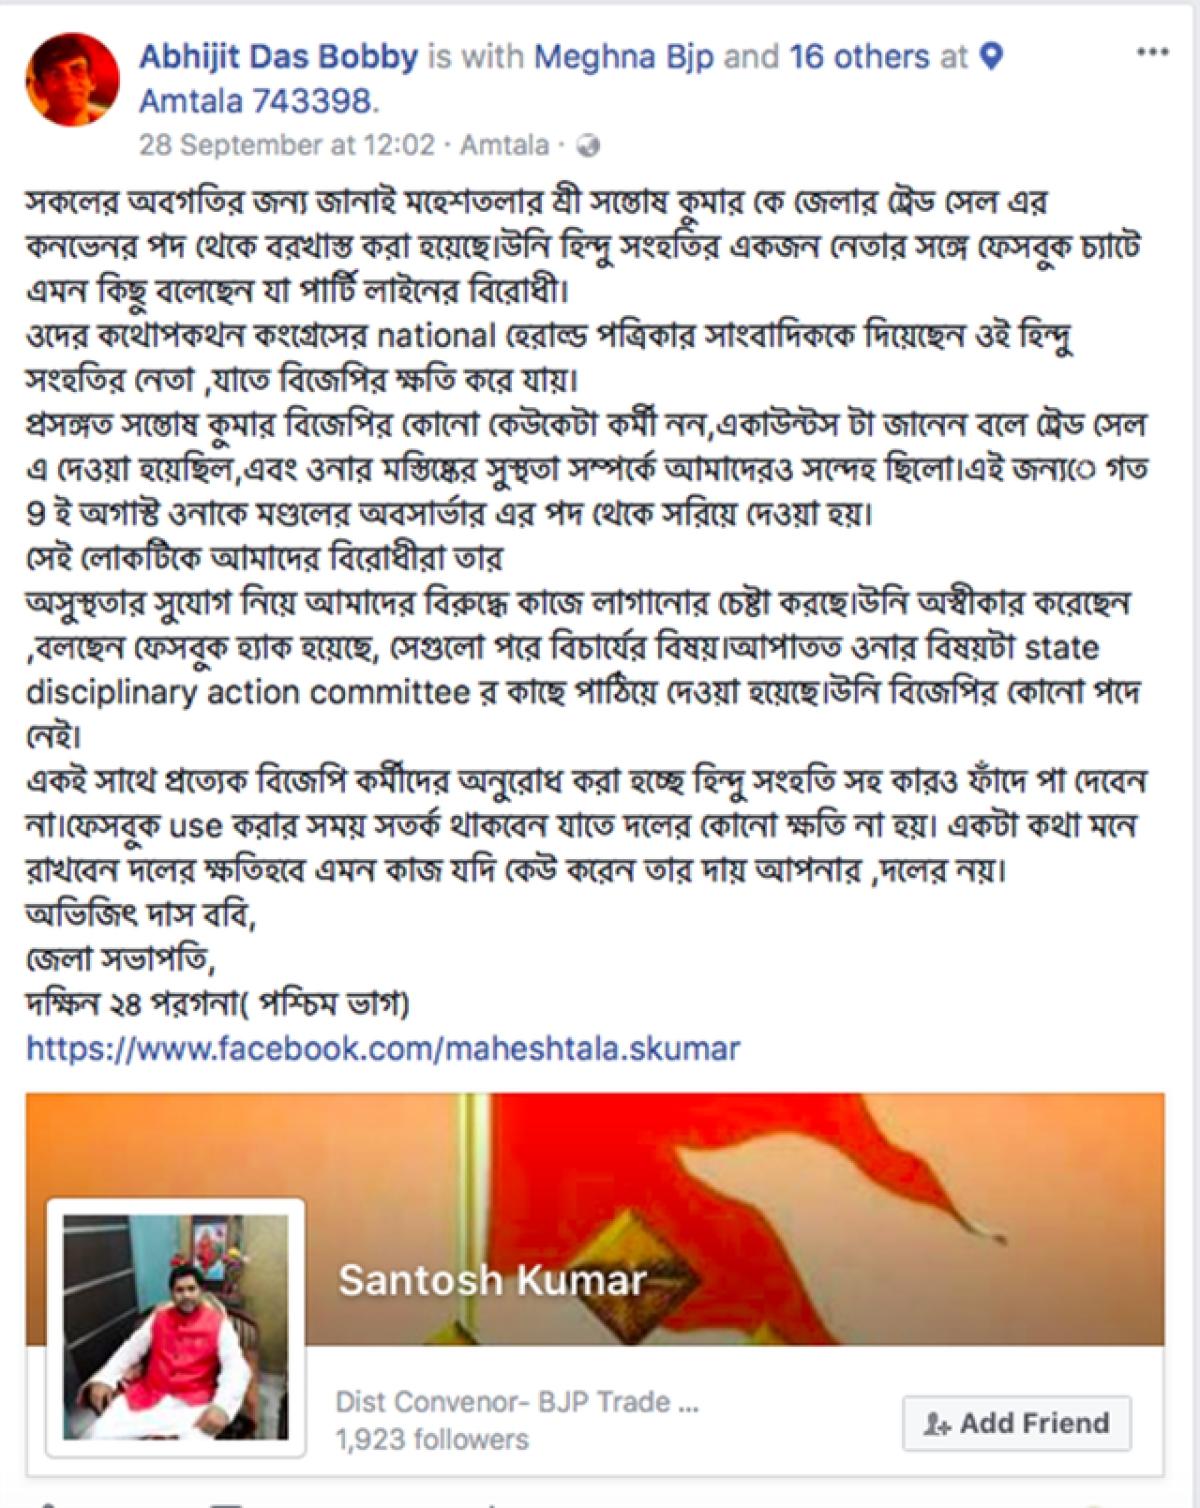 खबर का असर : दंगों की साजिश के खुलासे के बाद बंगाल बीजेपी का नेता गिरफ्तार